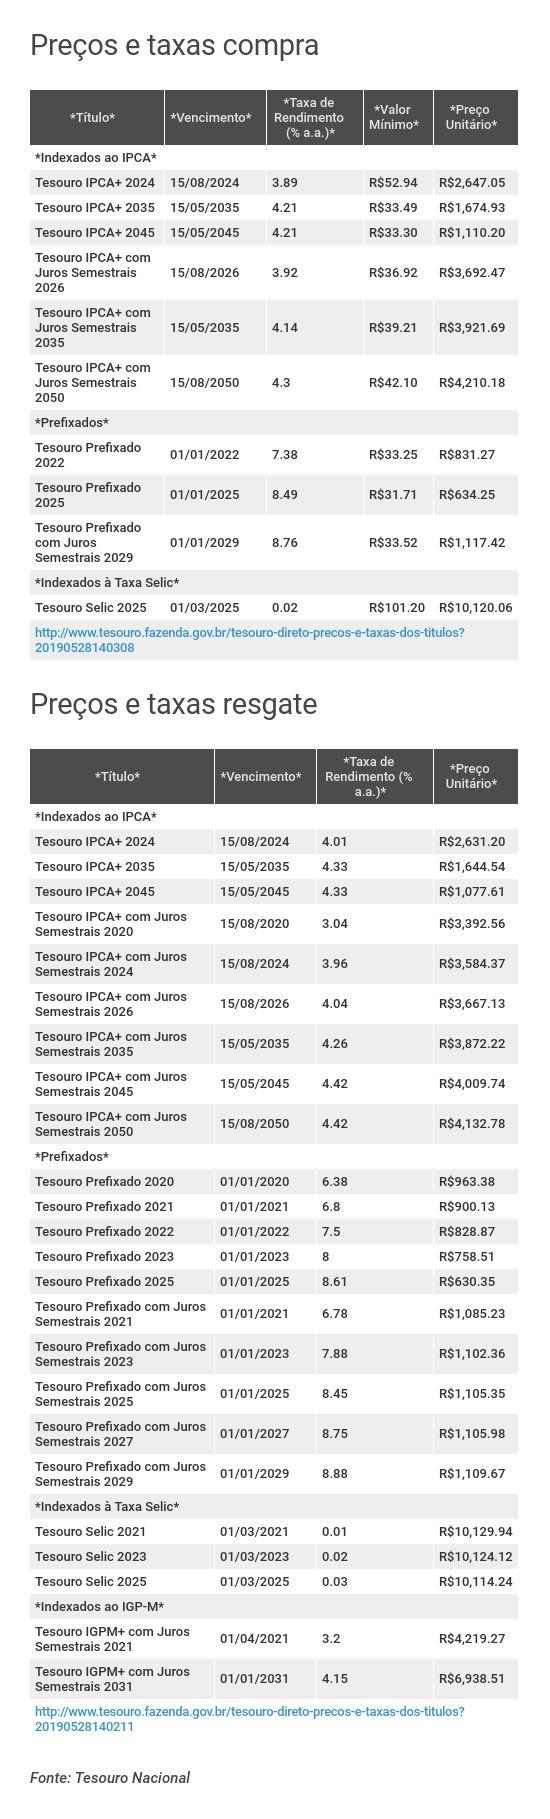 Preços e taxas do Tesouro Direto em 28 de maio de 2019 - abertura